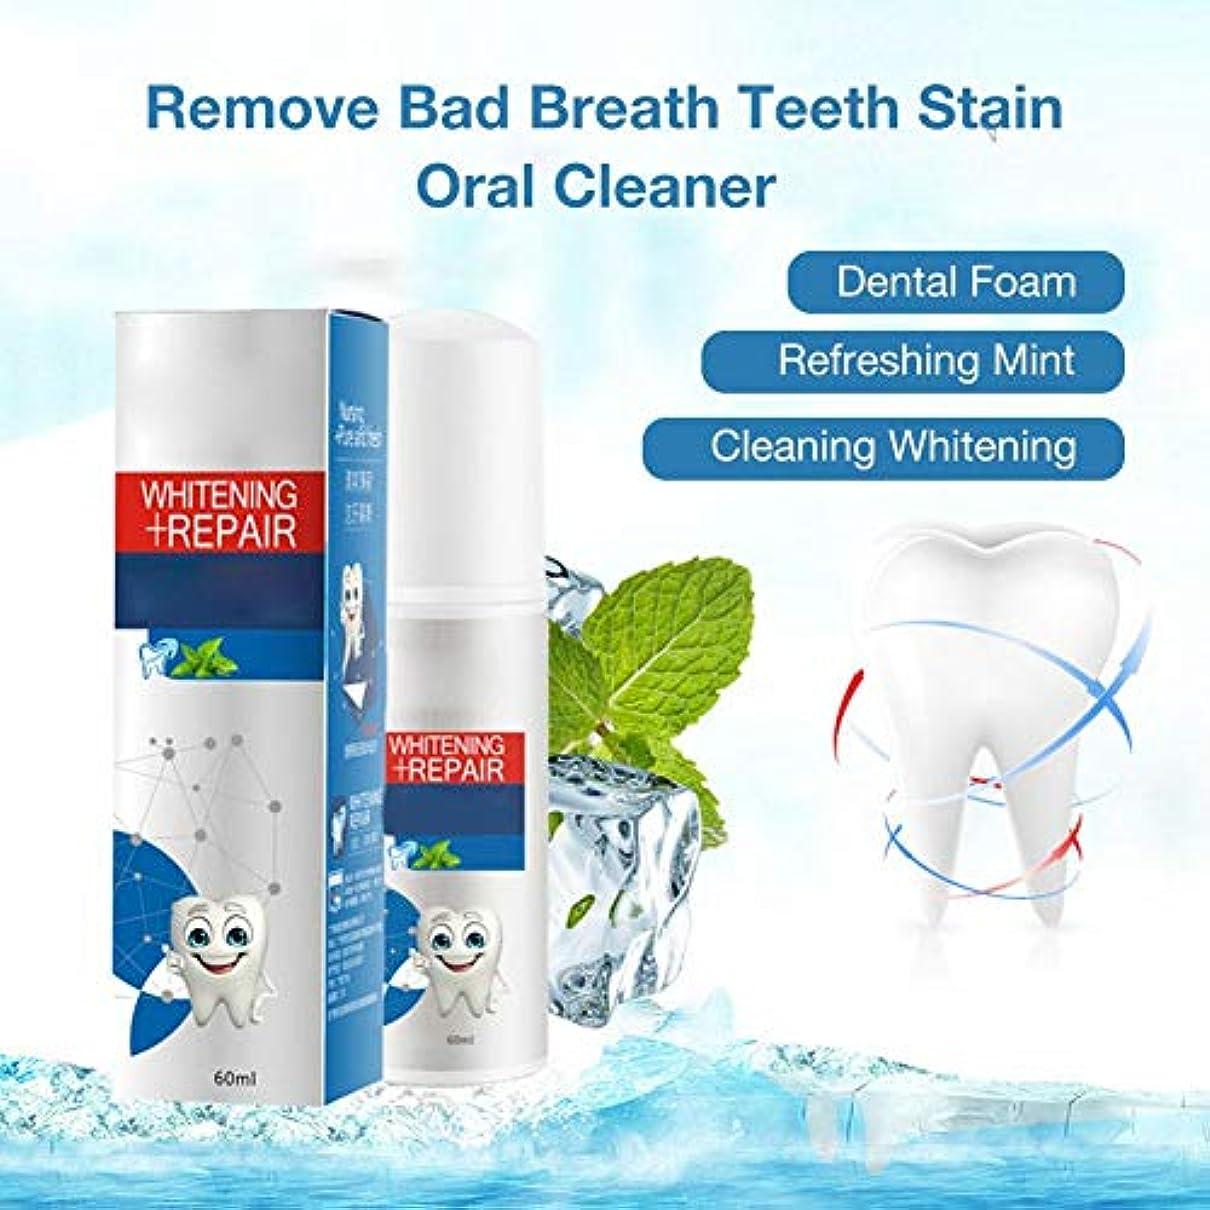 歯科用フォーム液体歯磨 クリアクリーン デンタル 洗口液 ホワイトニング マウスウォッシュ 口内洗浄液 低刺激 60ml 虫歯と戦うために